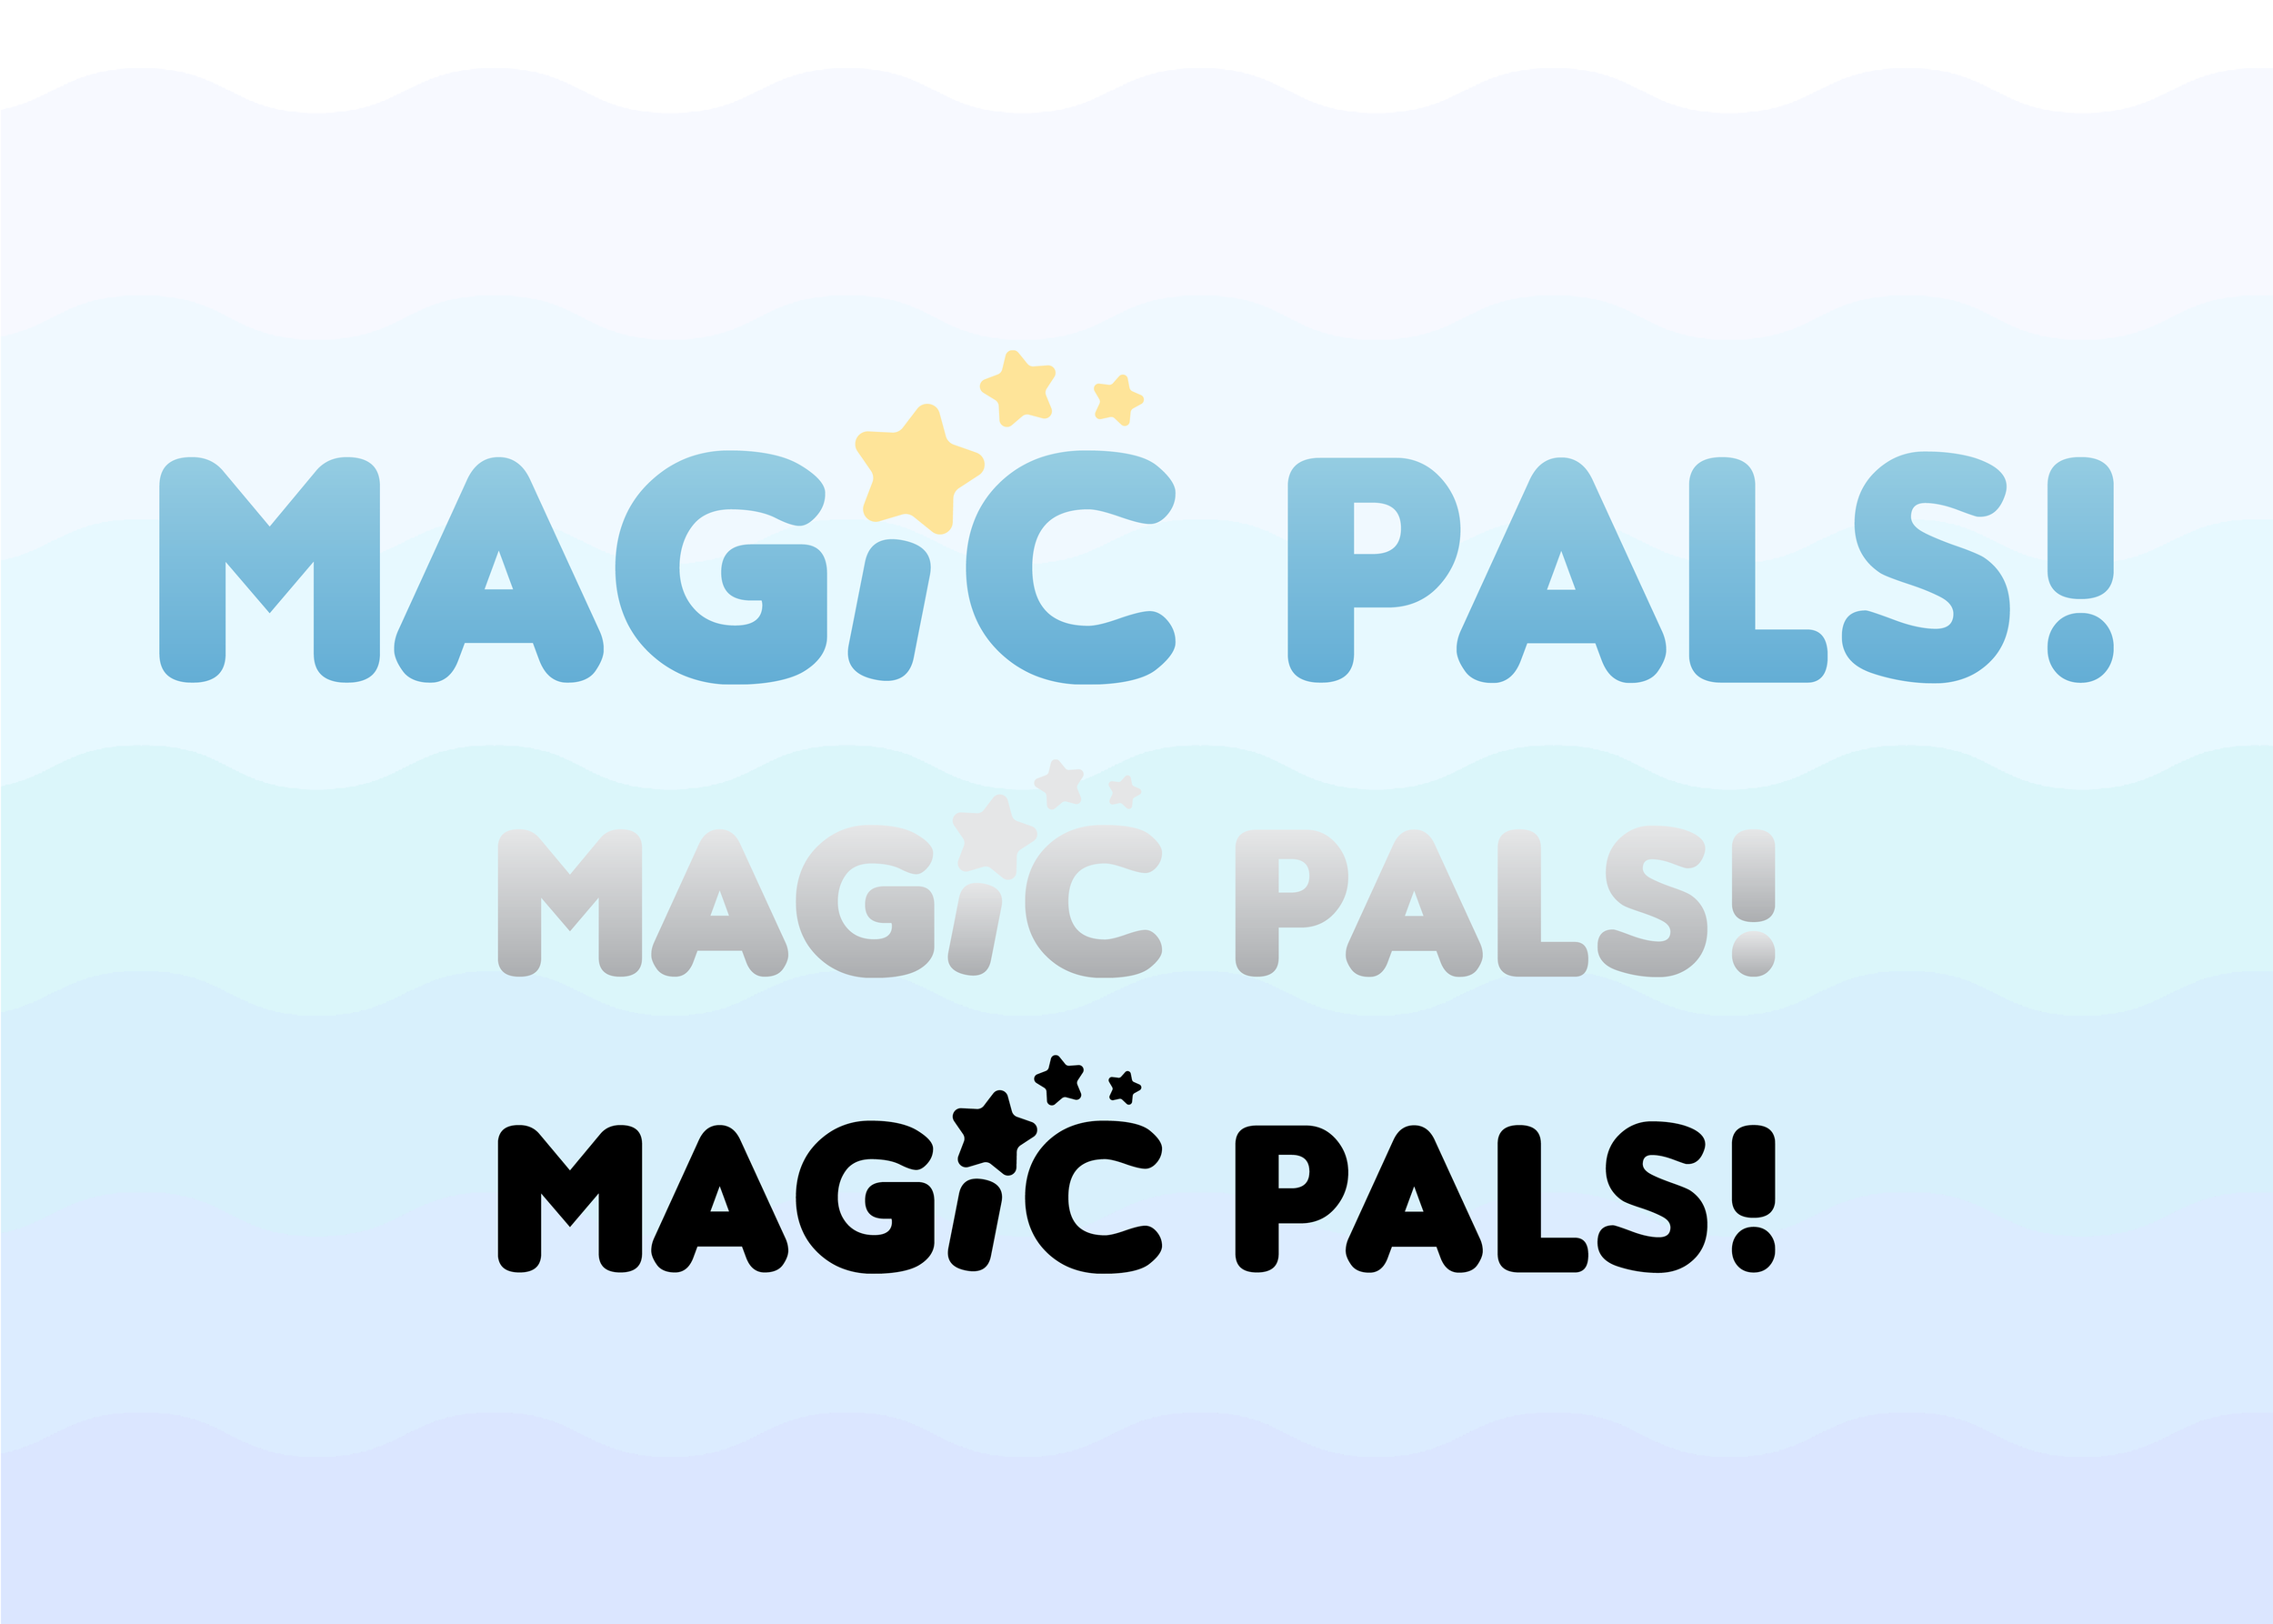 MagicPals_Presentation23.png